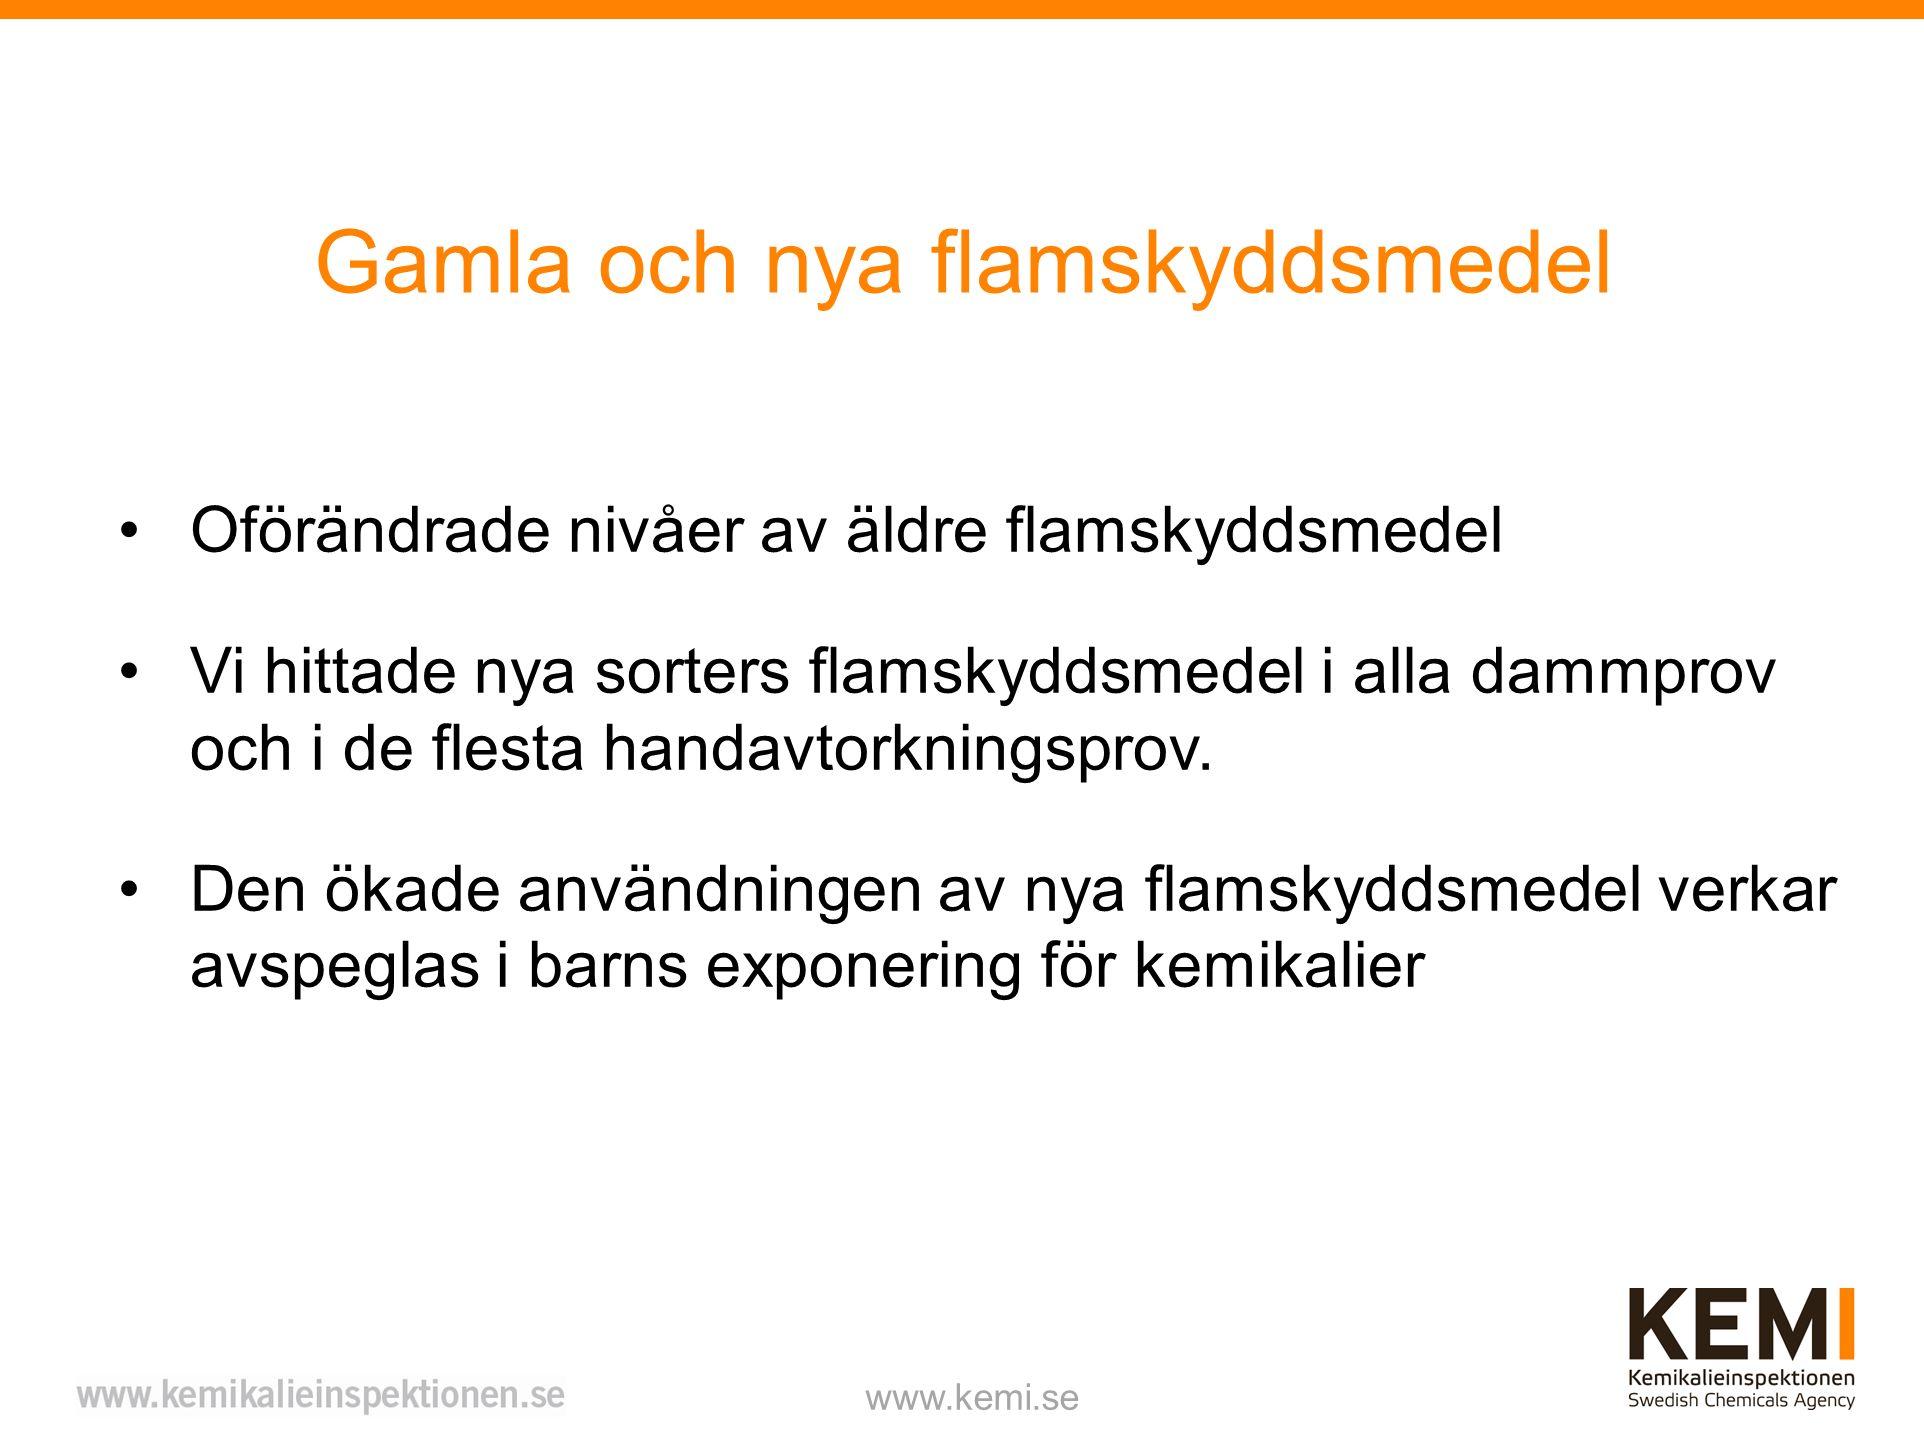 Gamla och nya flamskyddsmedel www.kemi.se Oförändrade nivåer av äldre flamskyddsmedel Vi hittade nya sorters flamskyddsmedel i alla dammprov och i de flesta handavtorkningsprov.